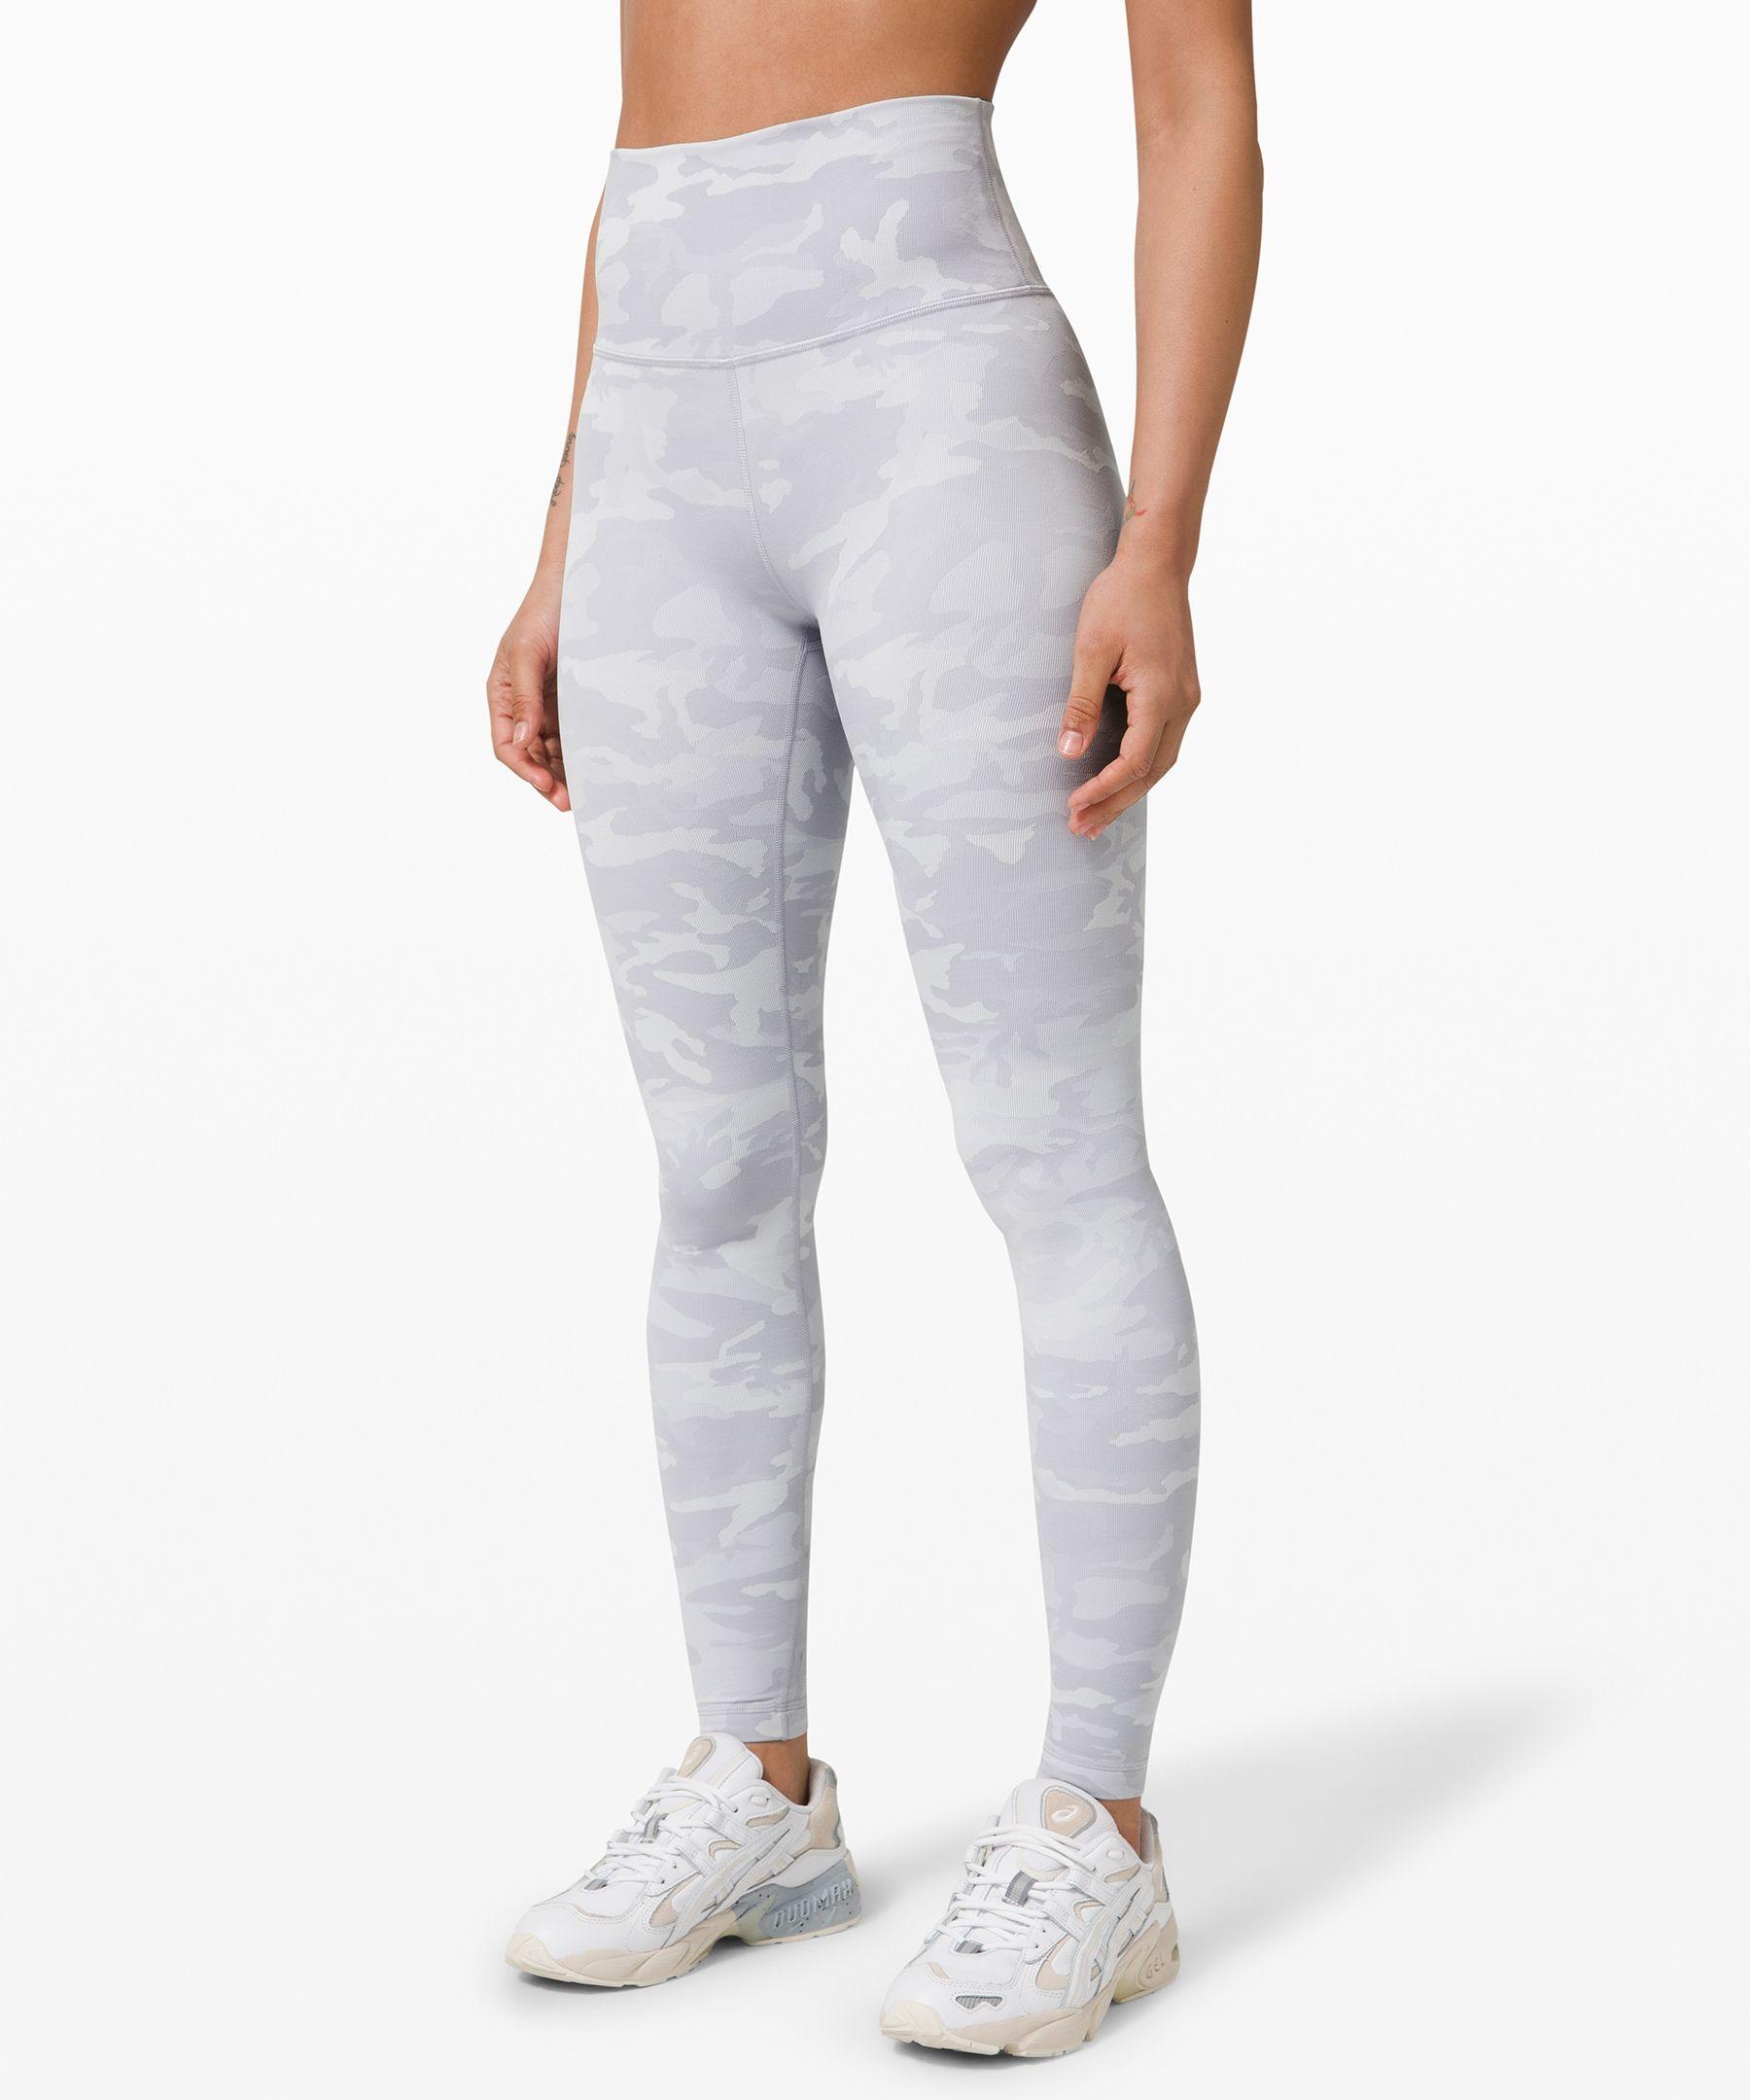 Lululemon Women S Wunder Under High Rise Legging 28 Luxtreme Incognito Camo Jacquard Alpine White Starlight In 2020 Pants For Women Women S Leggings Lululemon Women